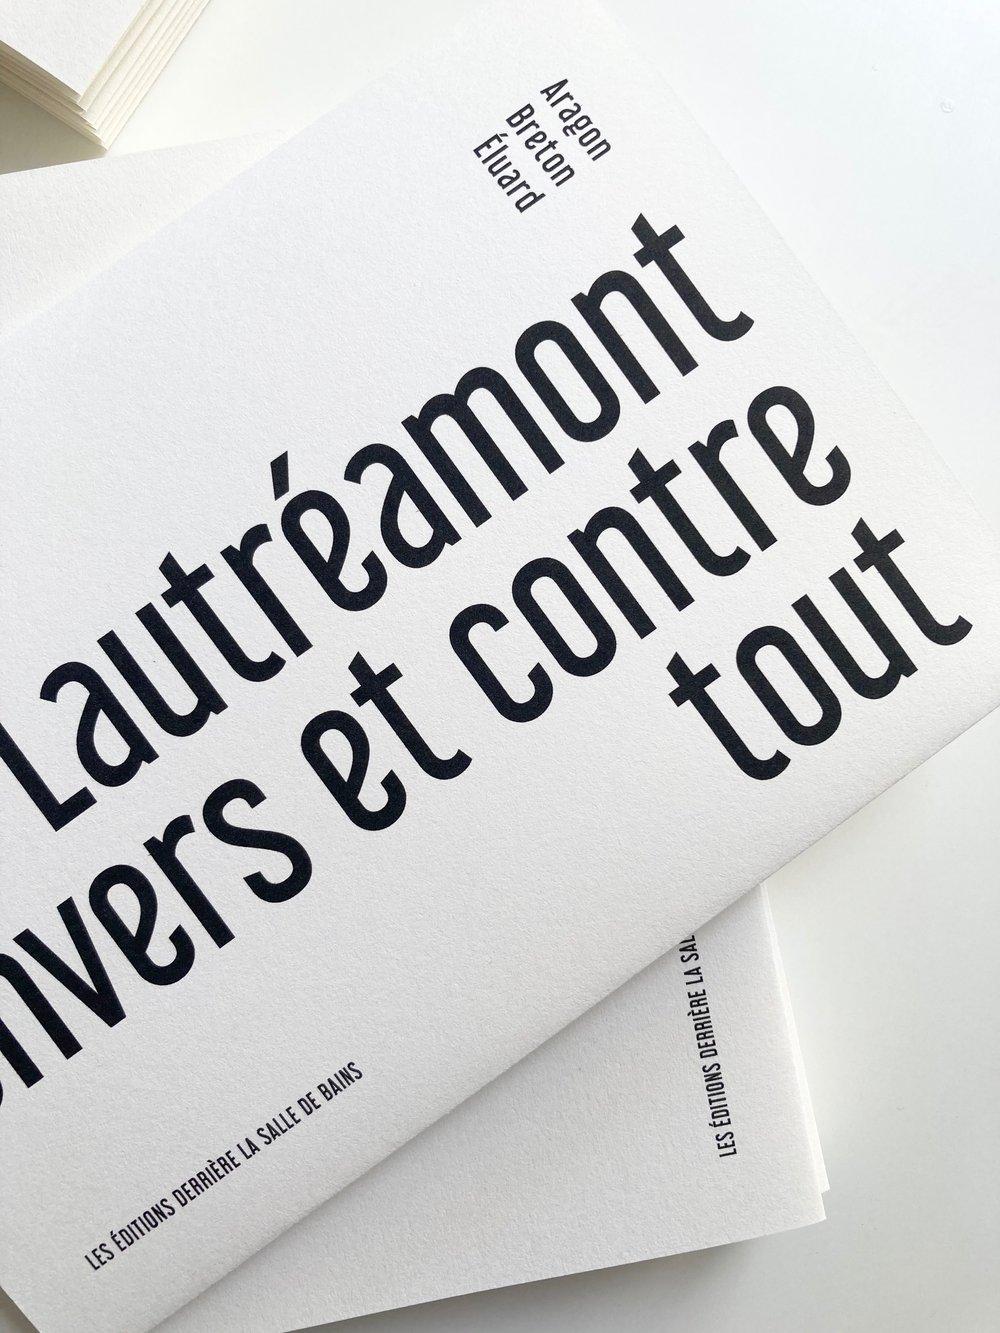 Image of LAUTRÉMONT